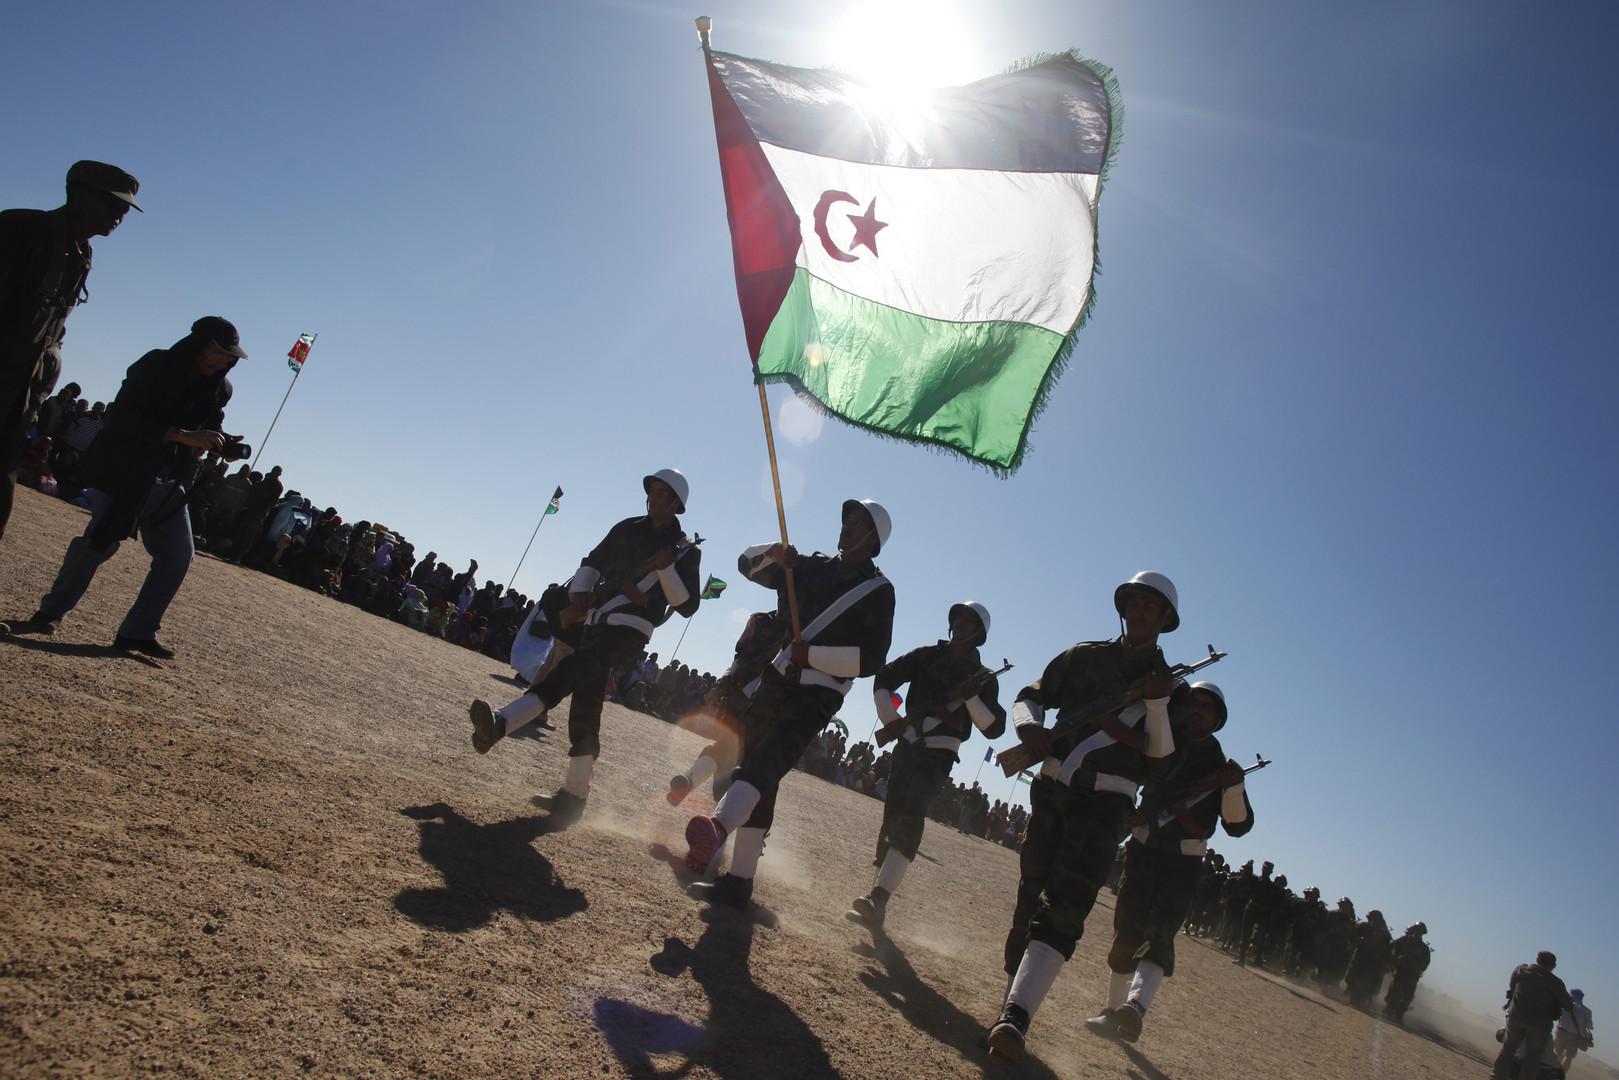 Des combattants du Front Polisario à l'occasion des 35 années de la commémoration de l'existence de leur mouvement, à Tifariti au sud-ouest de l'Algérie, en 2011.